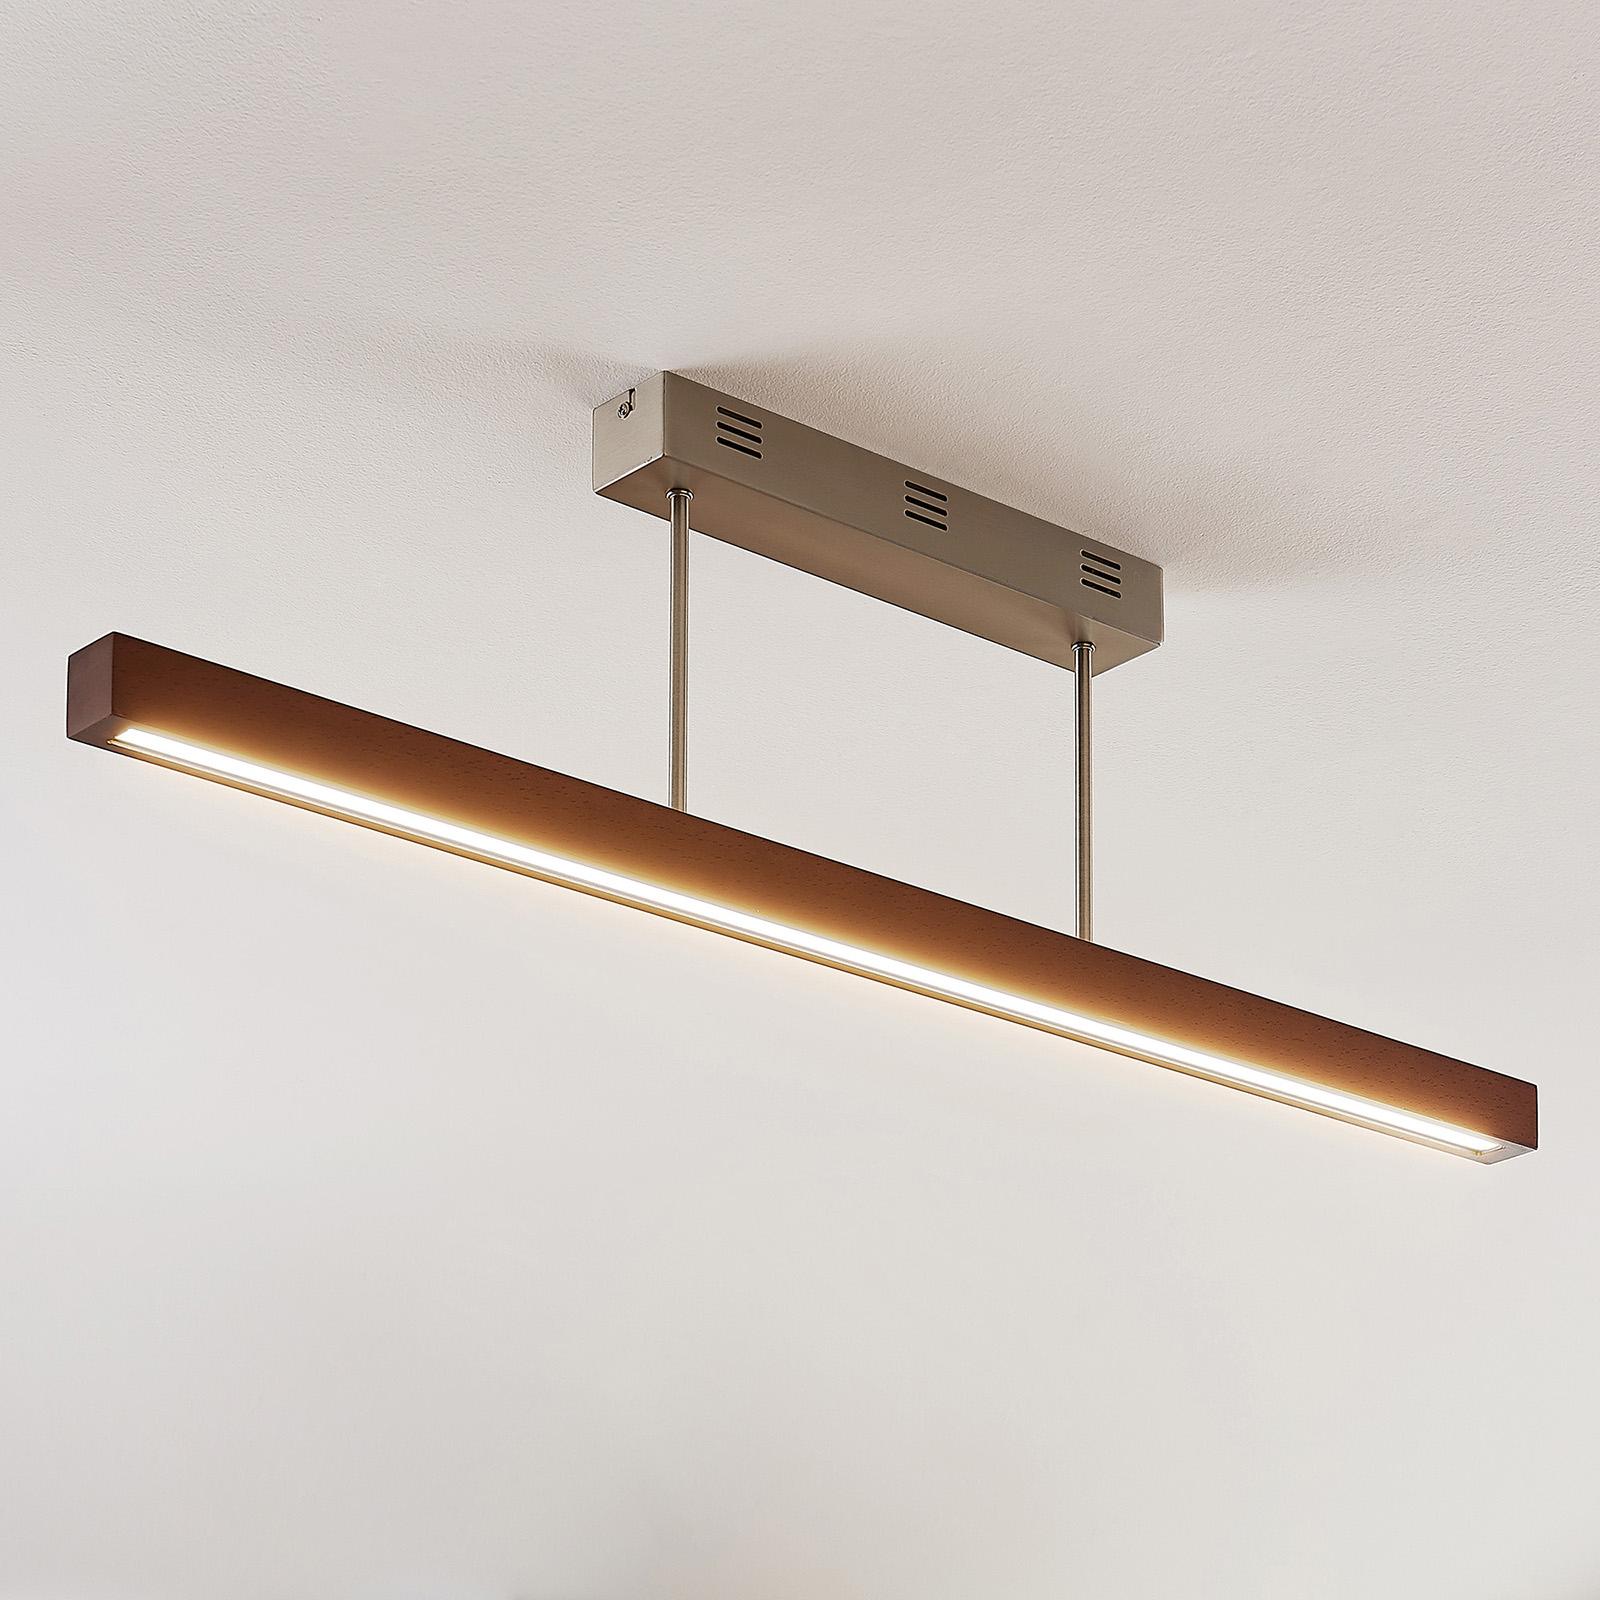 LED-trä-taklampa Tamlin, mörkbrun, 100 cm